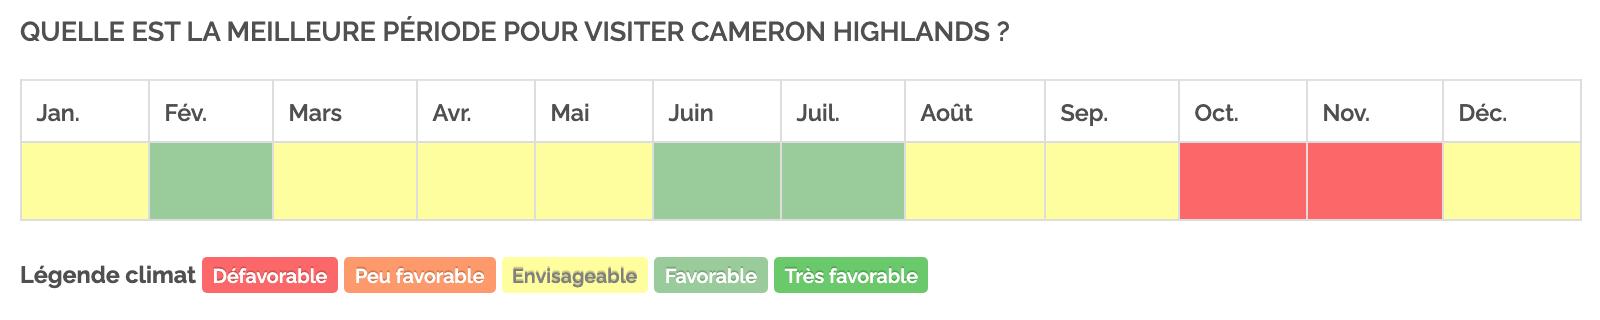 quand visiter cameron highlands